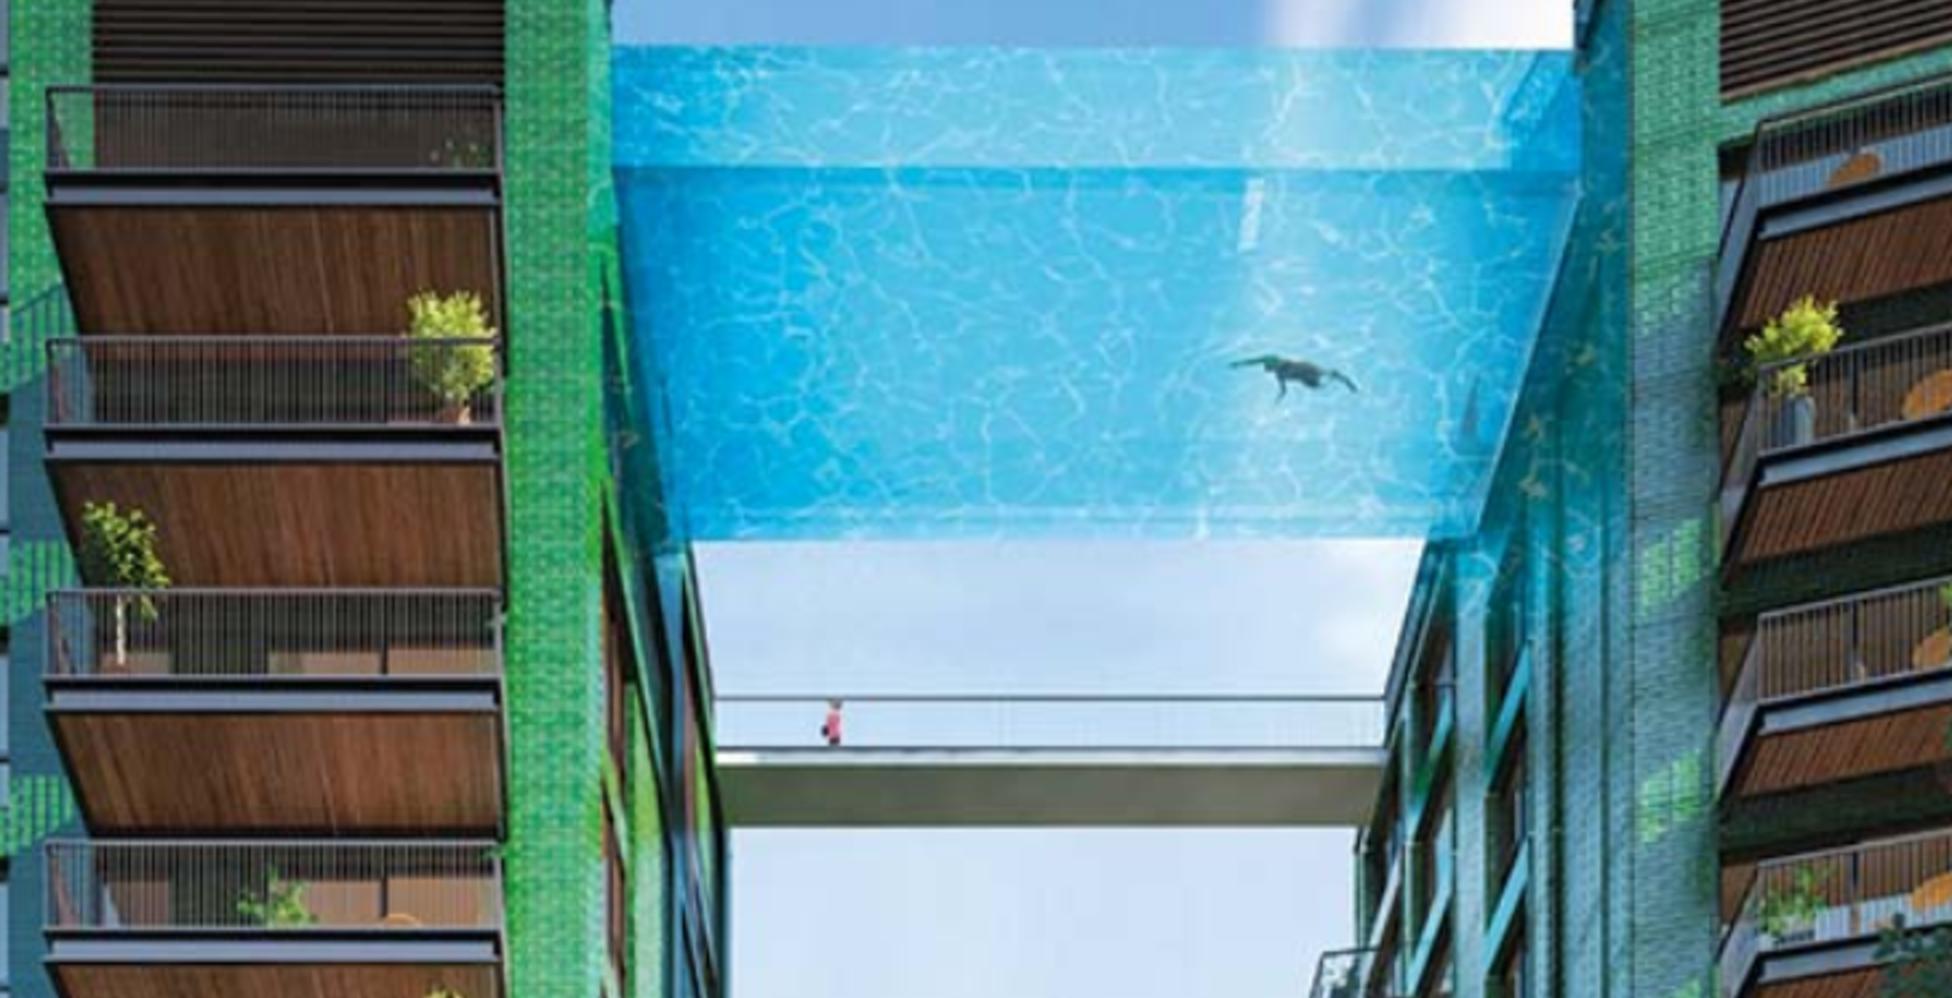 londra,-ecco-la-prima-piscina-sospesa-del-mondo:-nuotare-sara-come-fluttuare